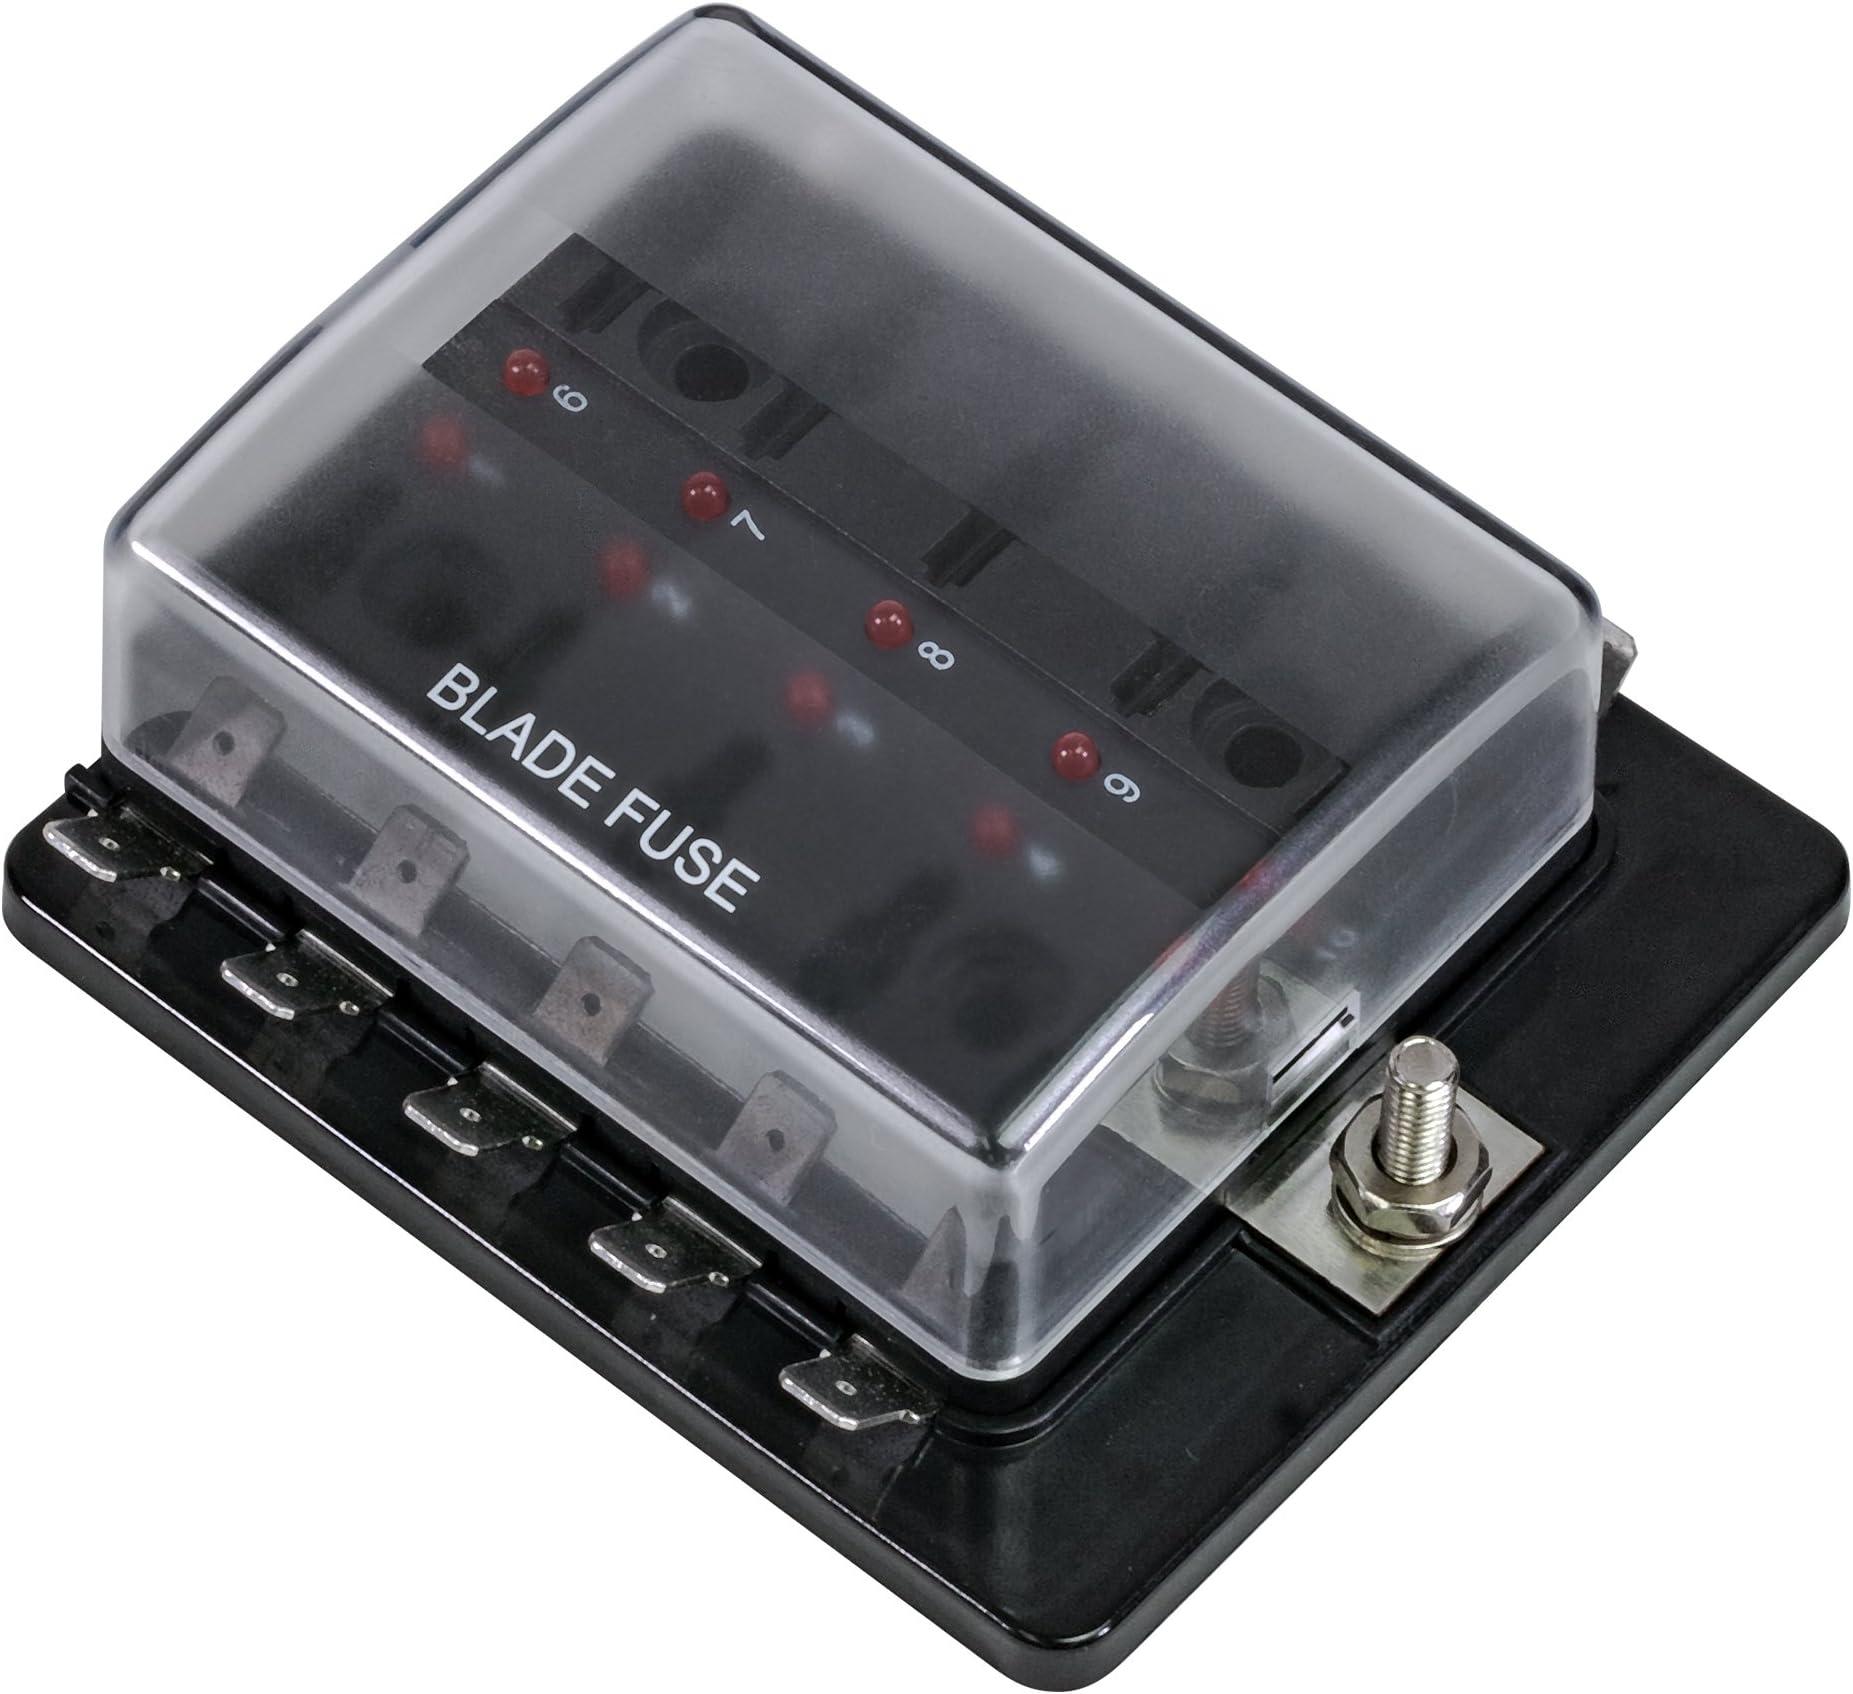 81JoopHLclL._AC_SR201266_ amazon com fuse boxes fuses & accessories automotive